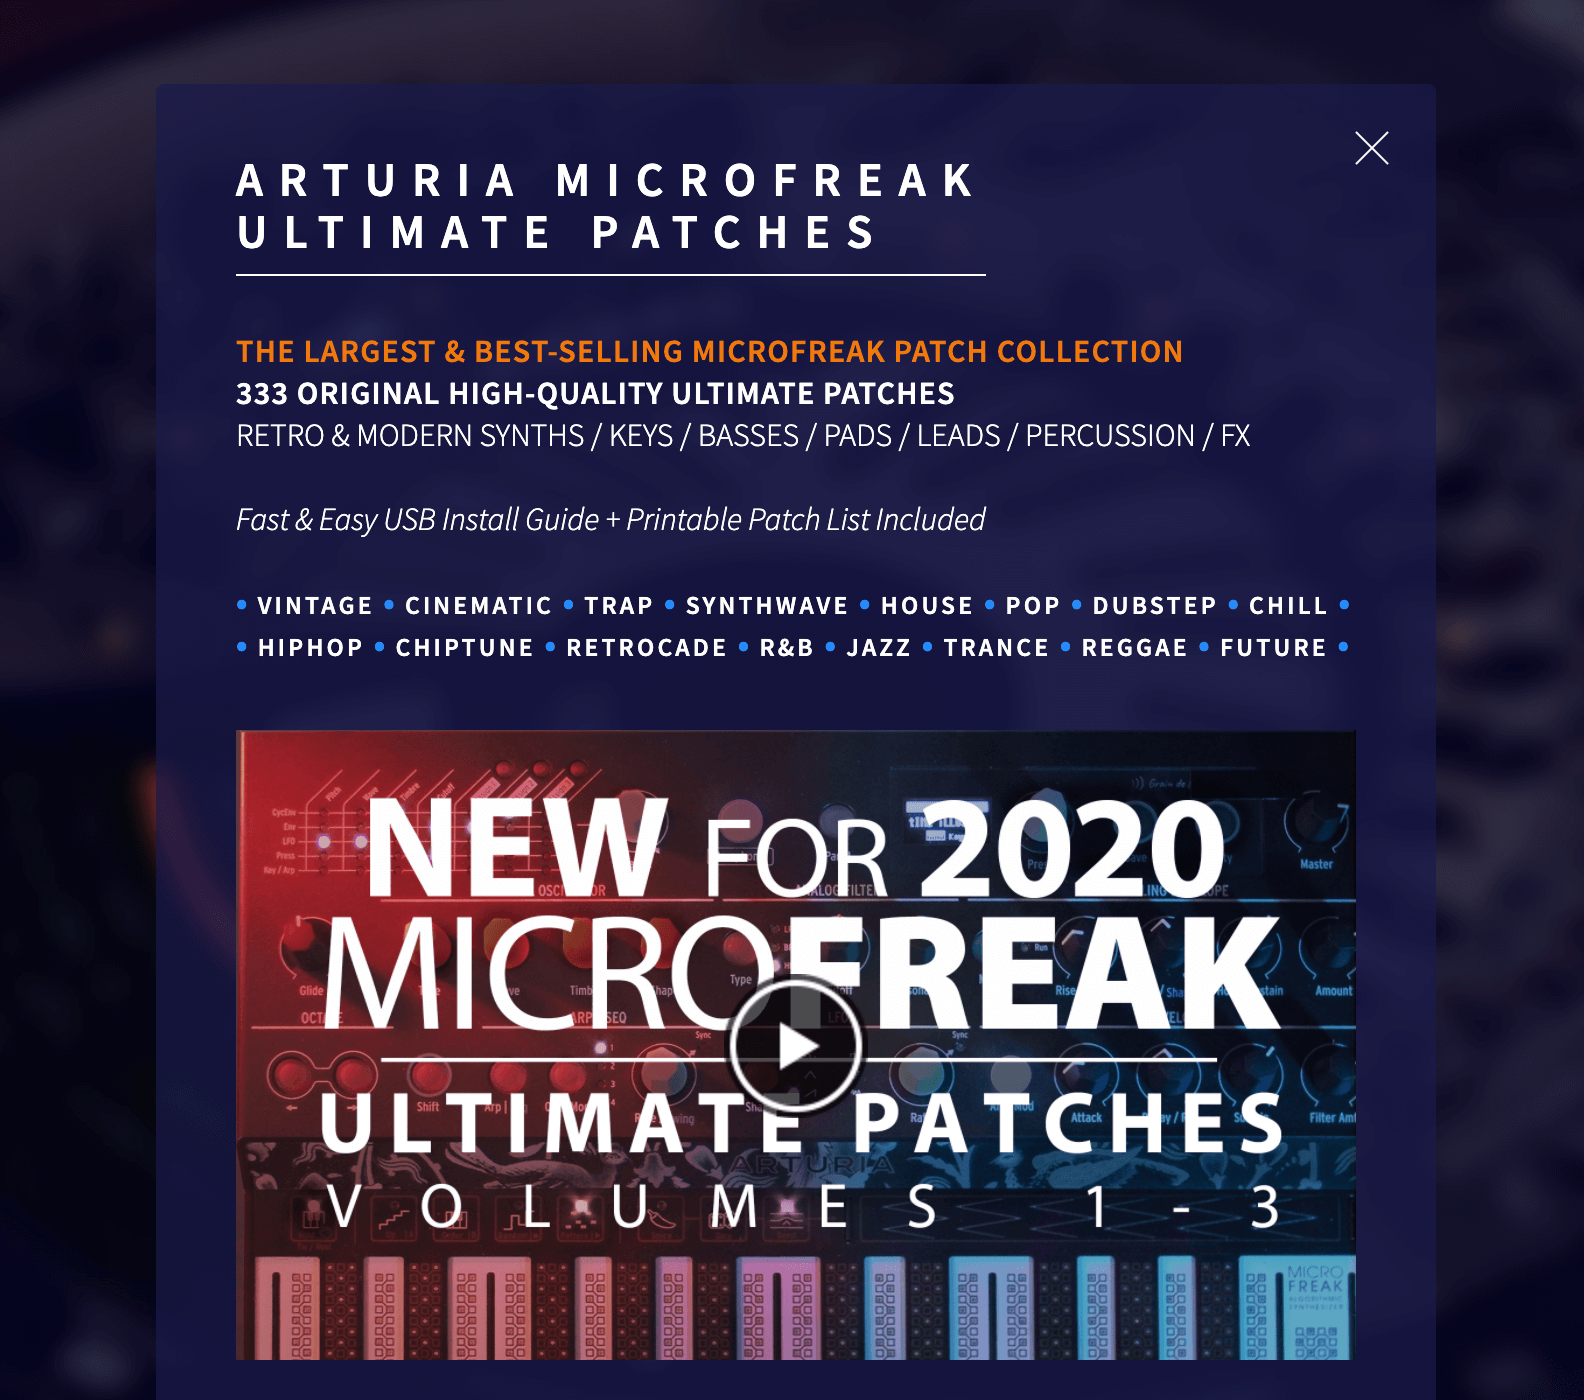 le site Ultimate patch, avec des banks payantes pour l'arturia microfreak